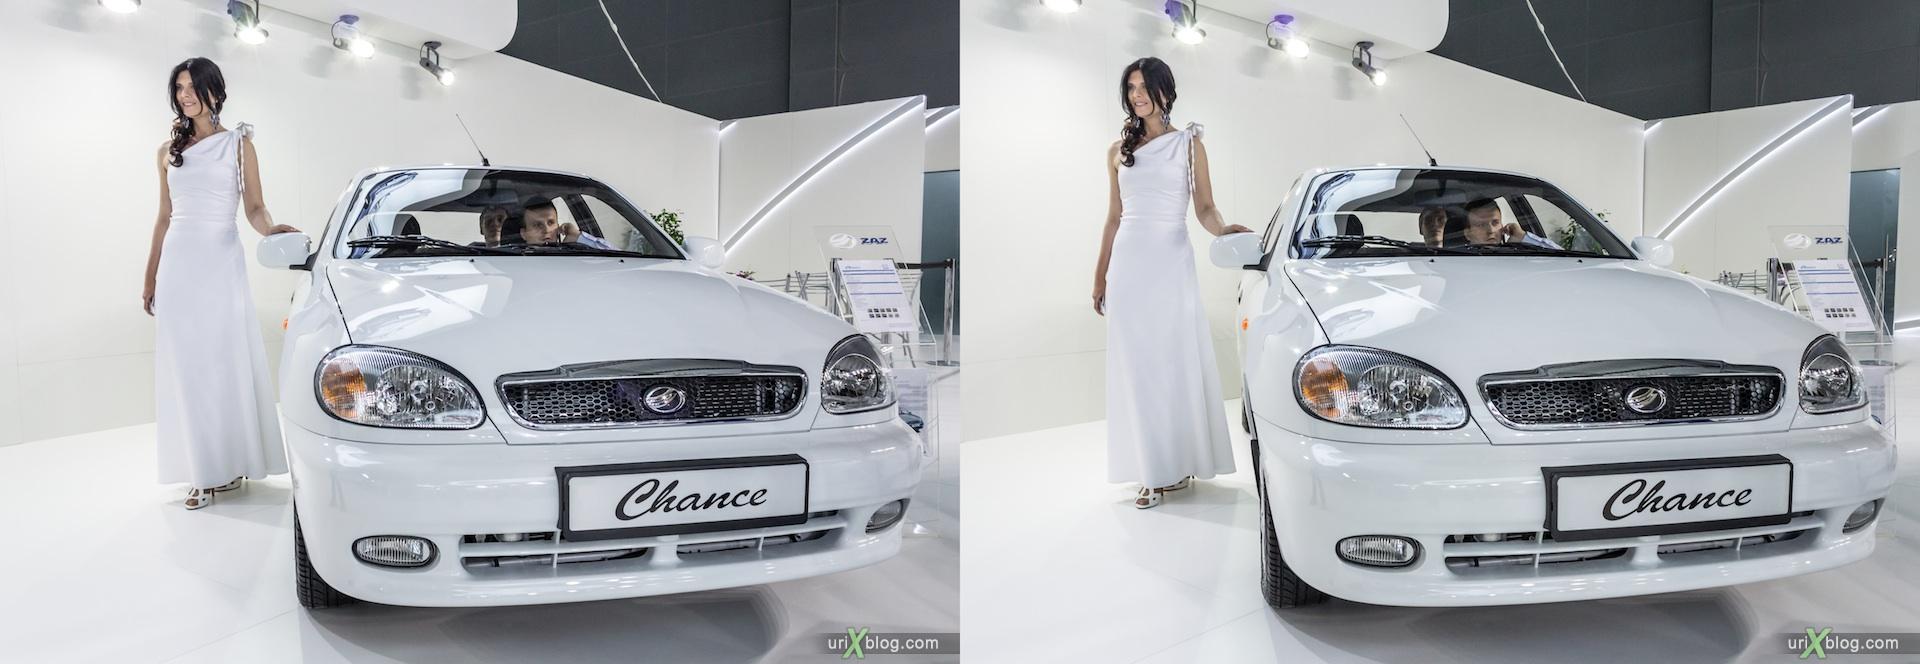 2012, ZAZ Chance, девушка, модель, Московский международный автомобильный салон, ММАС, Крокус Экспо, 3D, стереопара